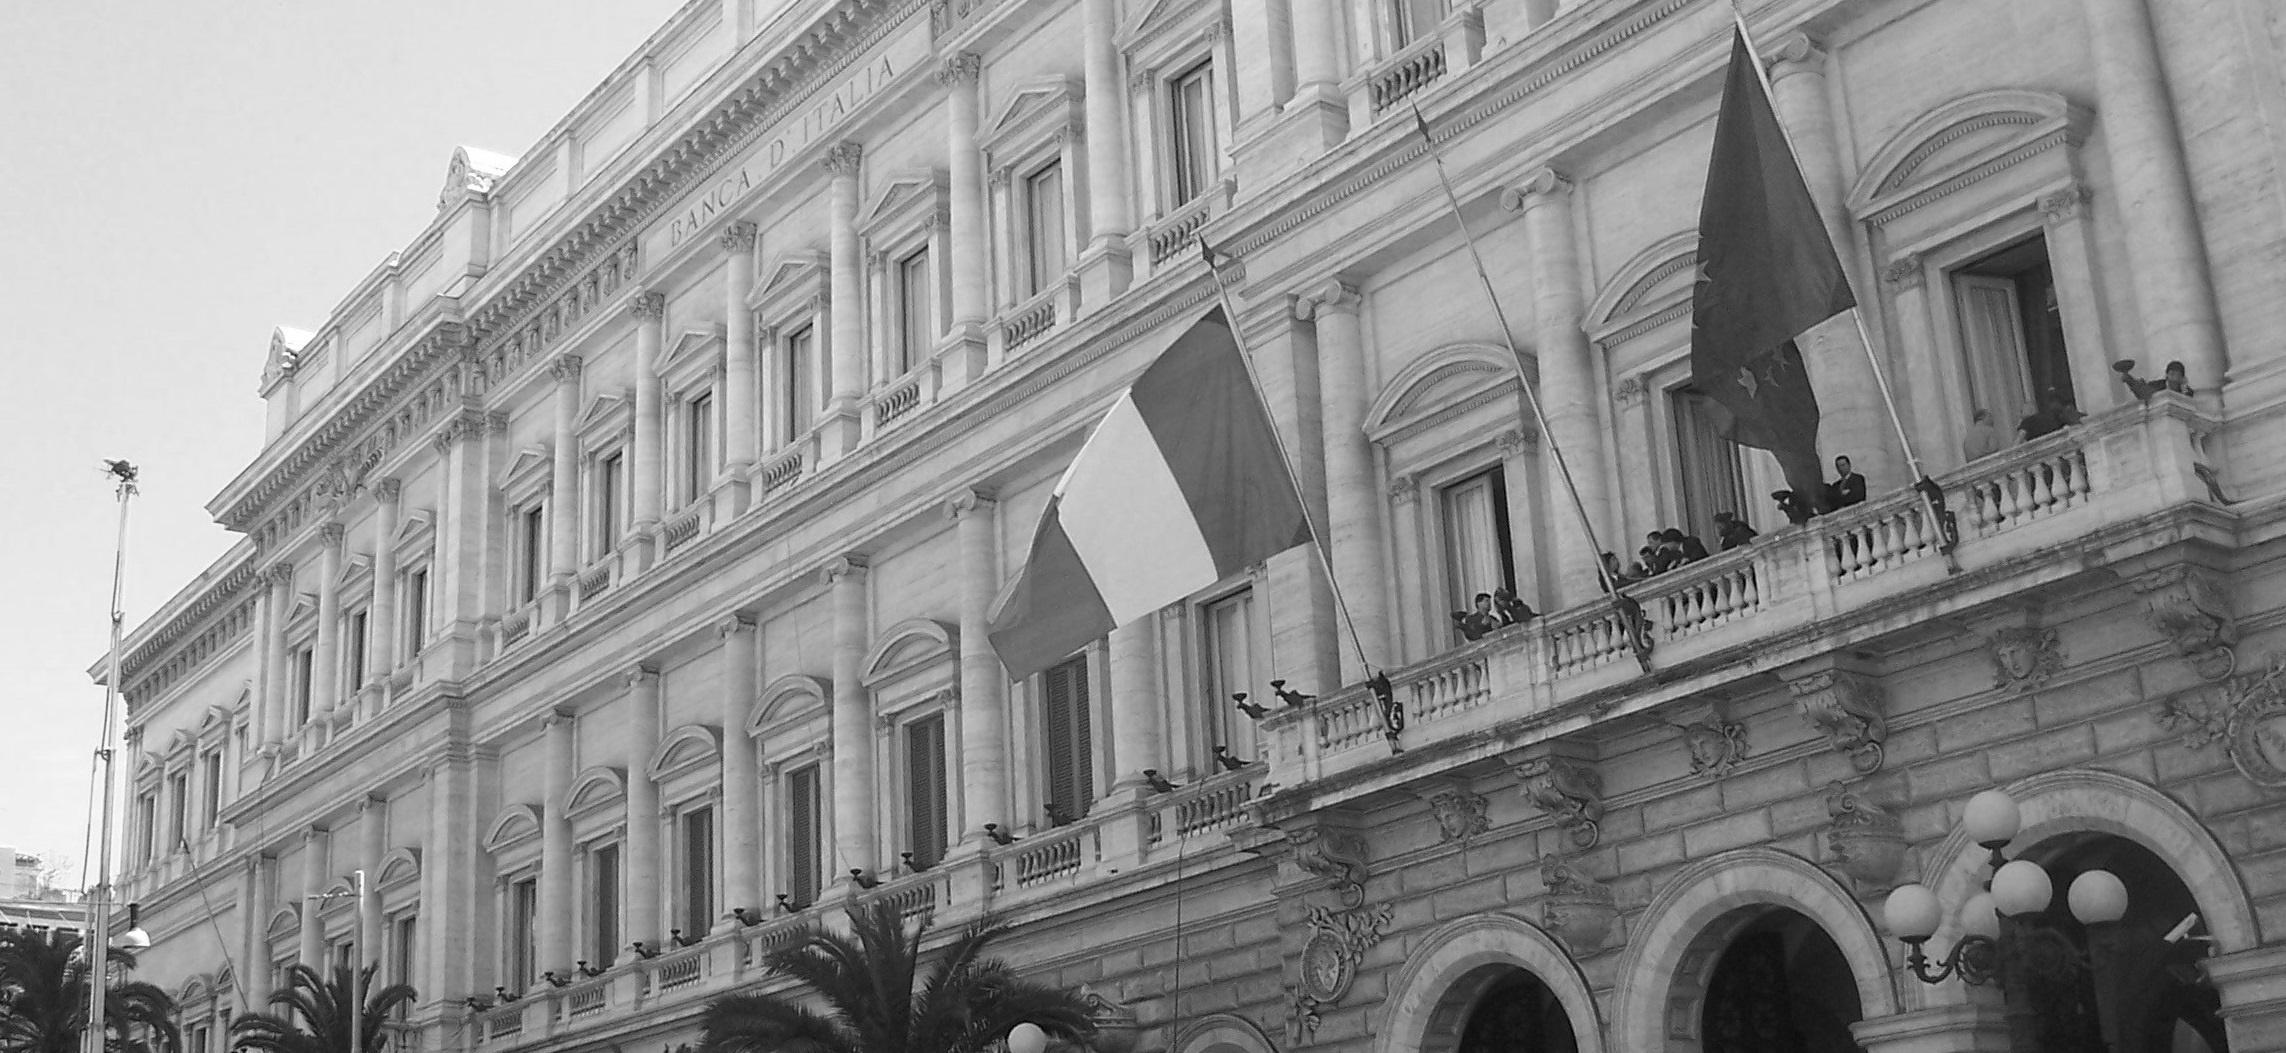 Banca d'Italia: Modifiche alla disciplina delle OBG-Obbligazioni Bancarie